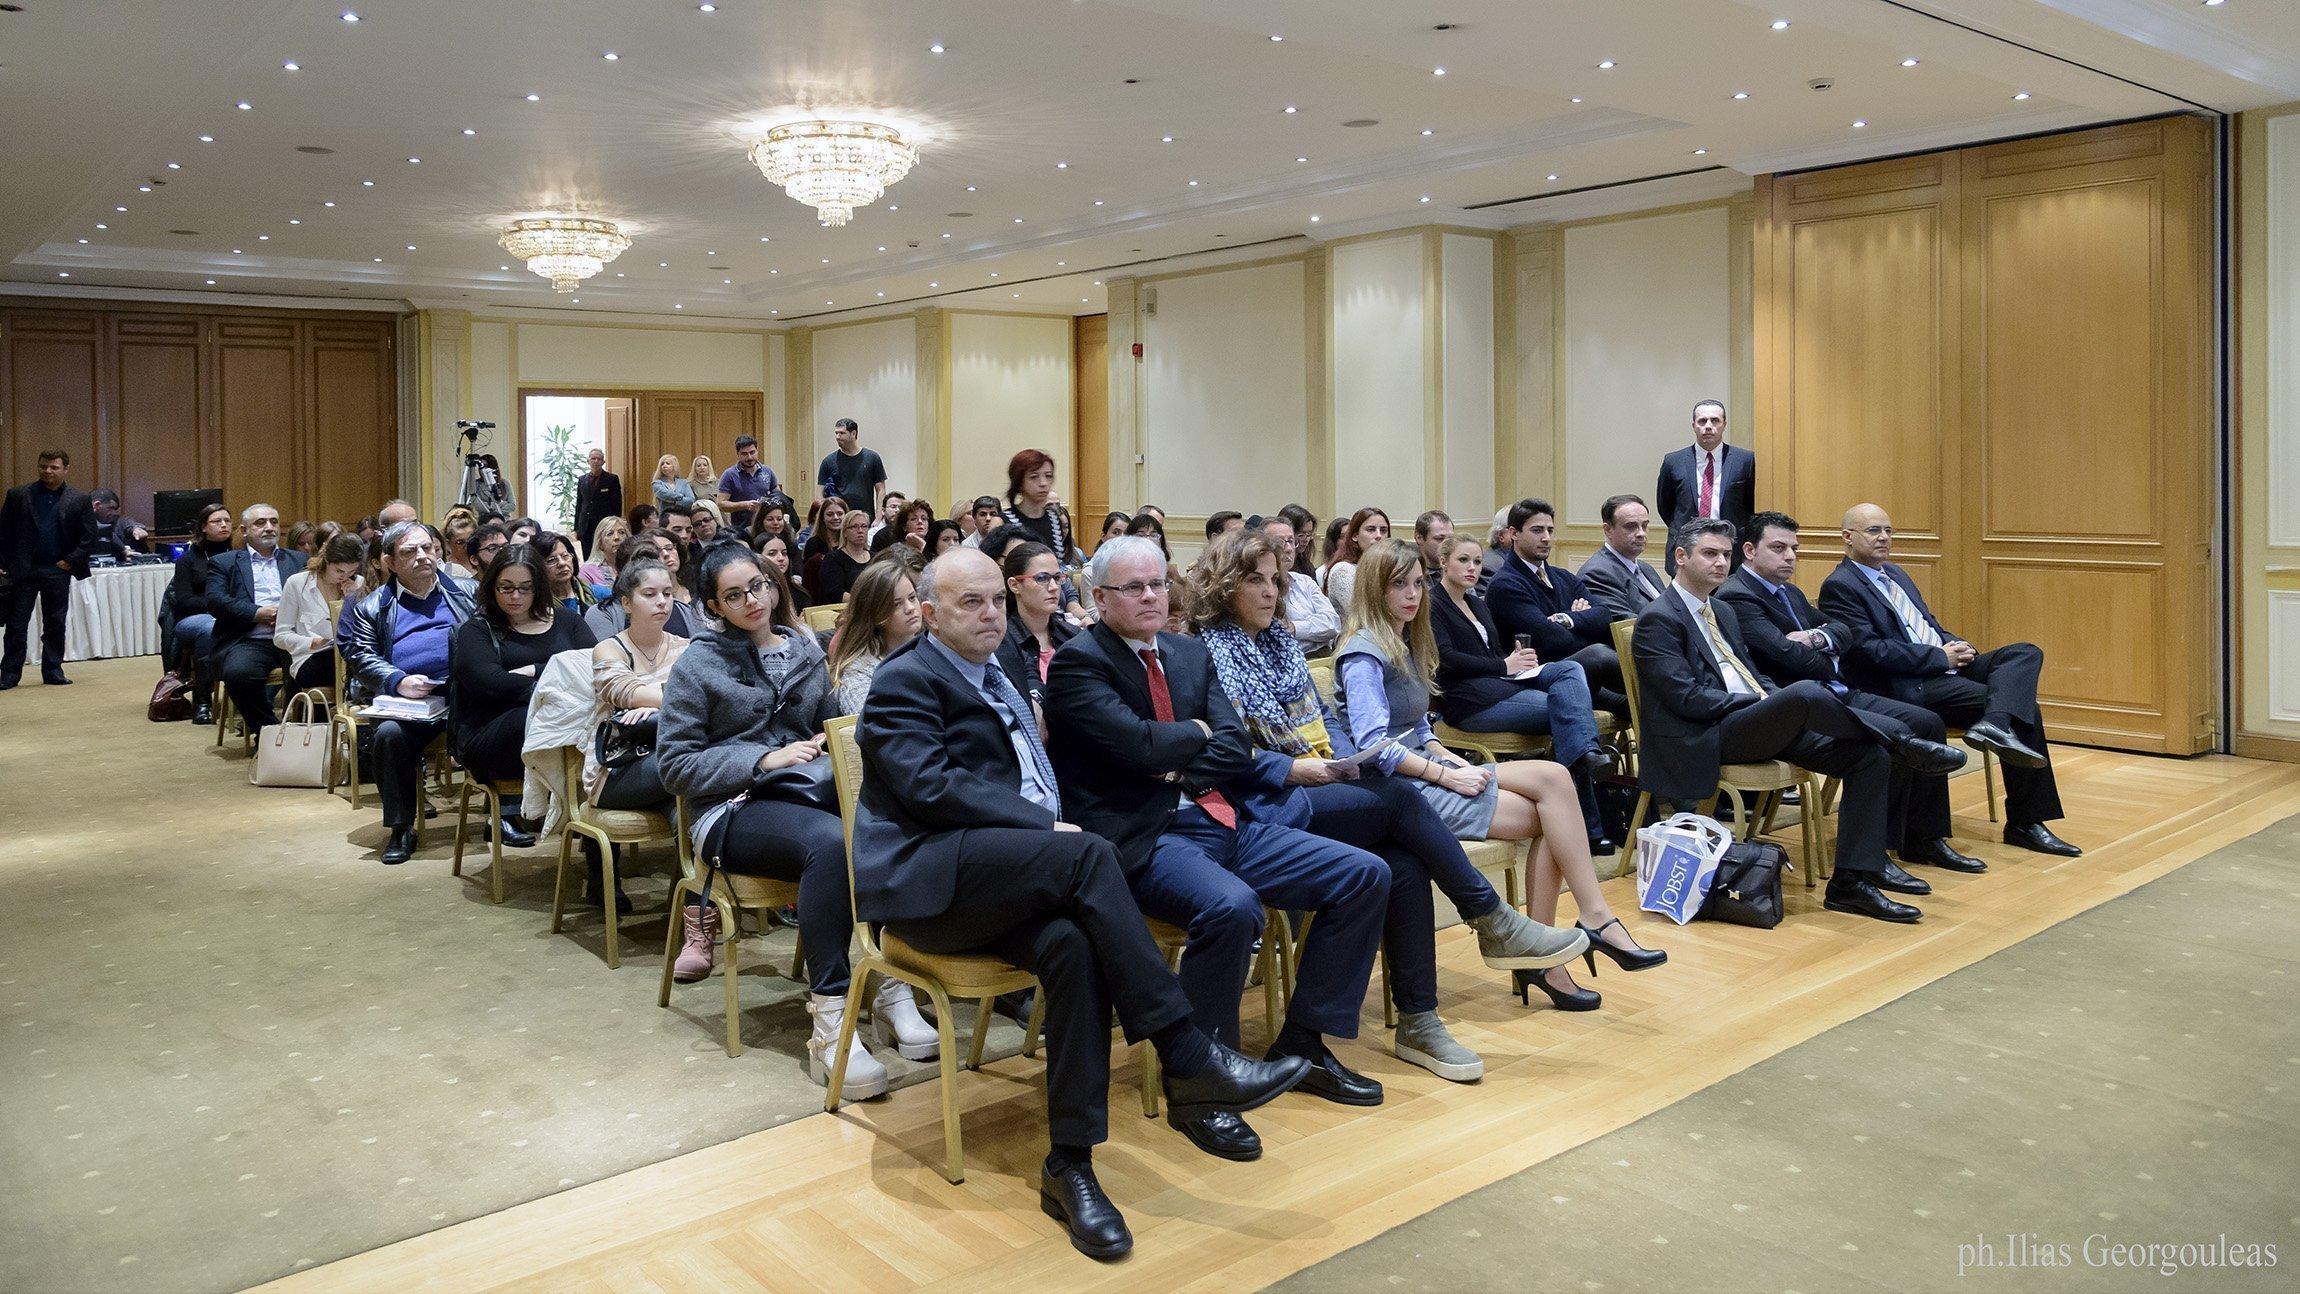 3ο Πανελλήνιο Συνέδριο Επείγουσας & Εξωνοσοκομειακής Ιατρικής